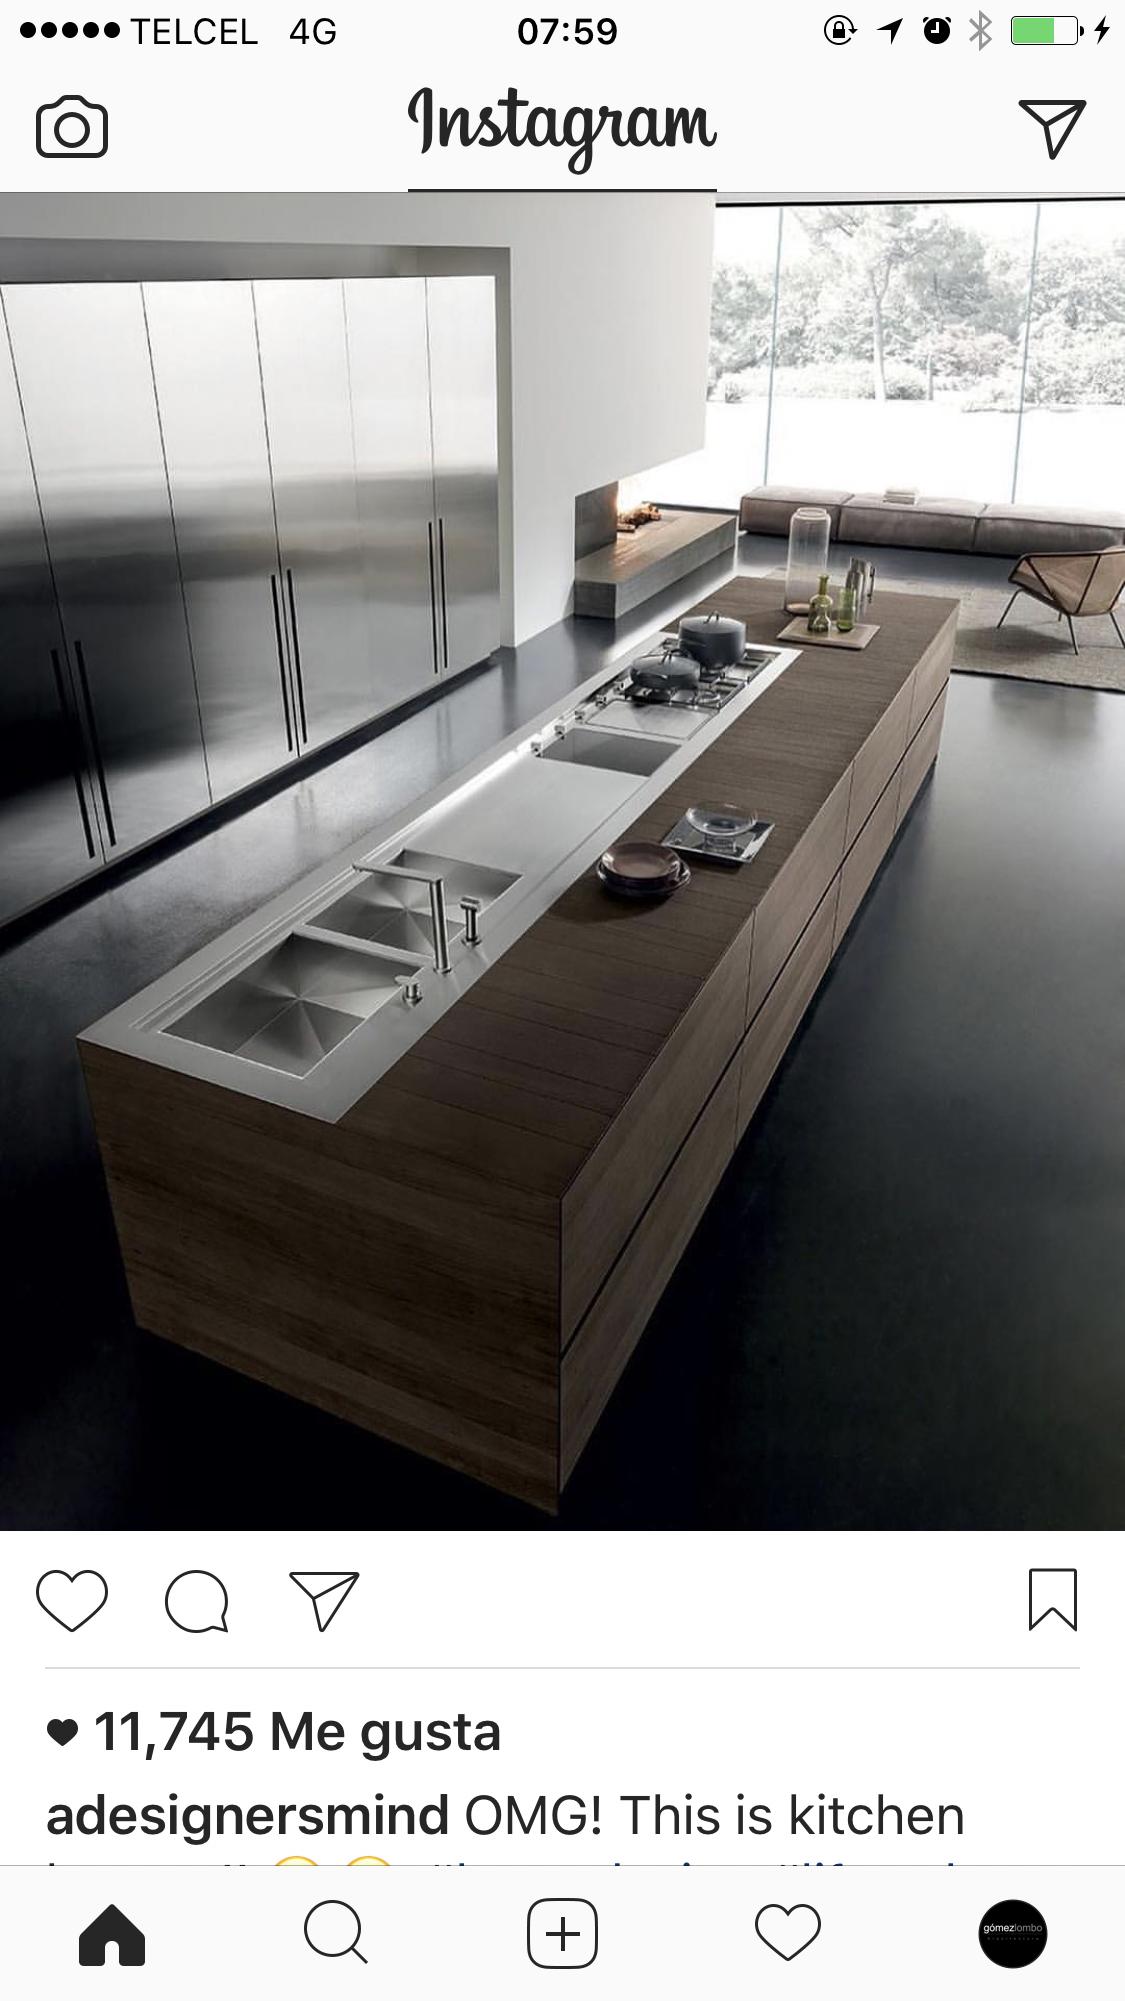 Pin von salma m auf kitchen | Pinterest | Küche, Badezimmer und Ideen